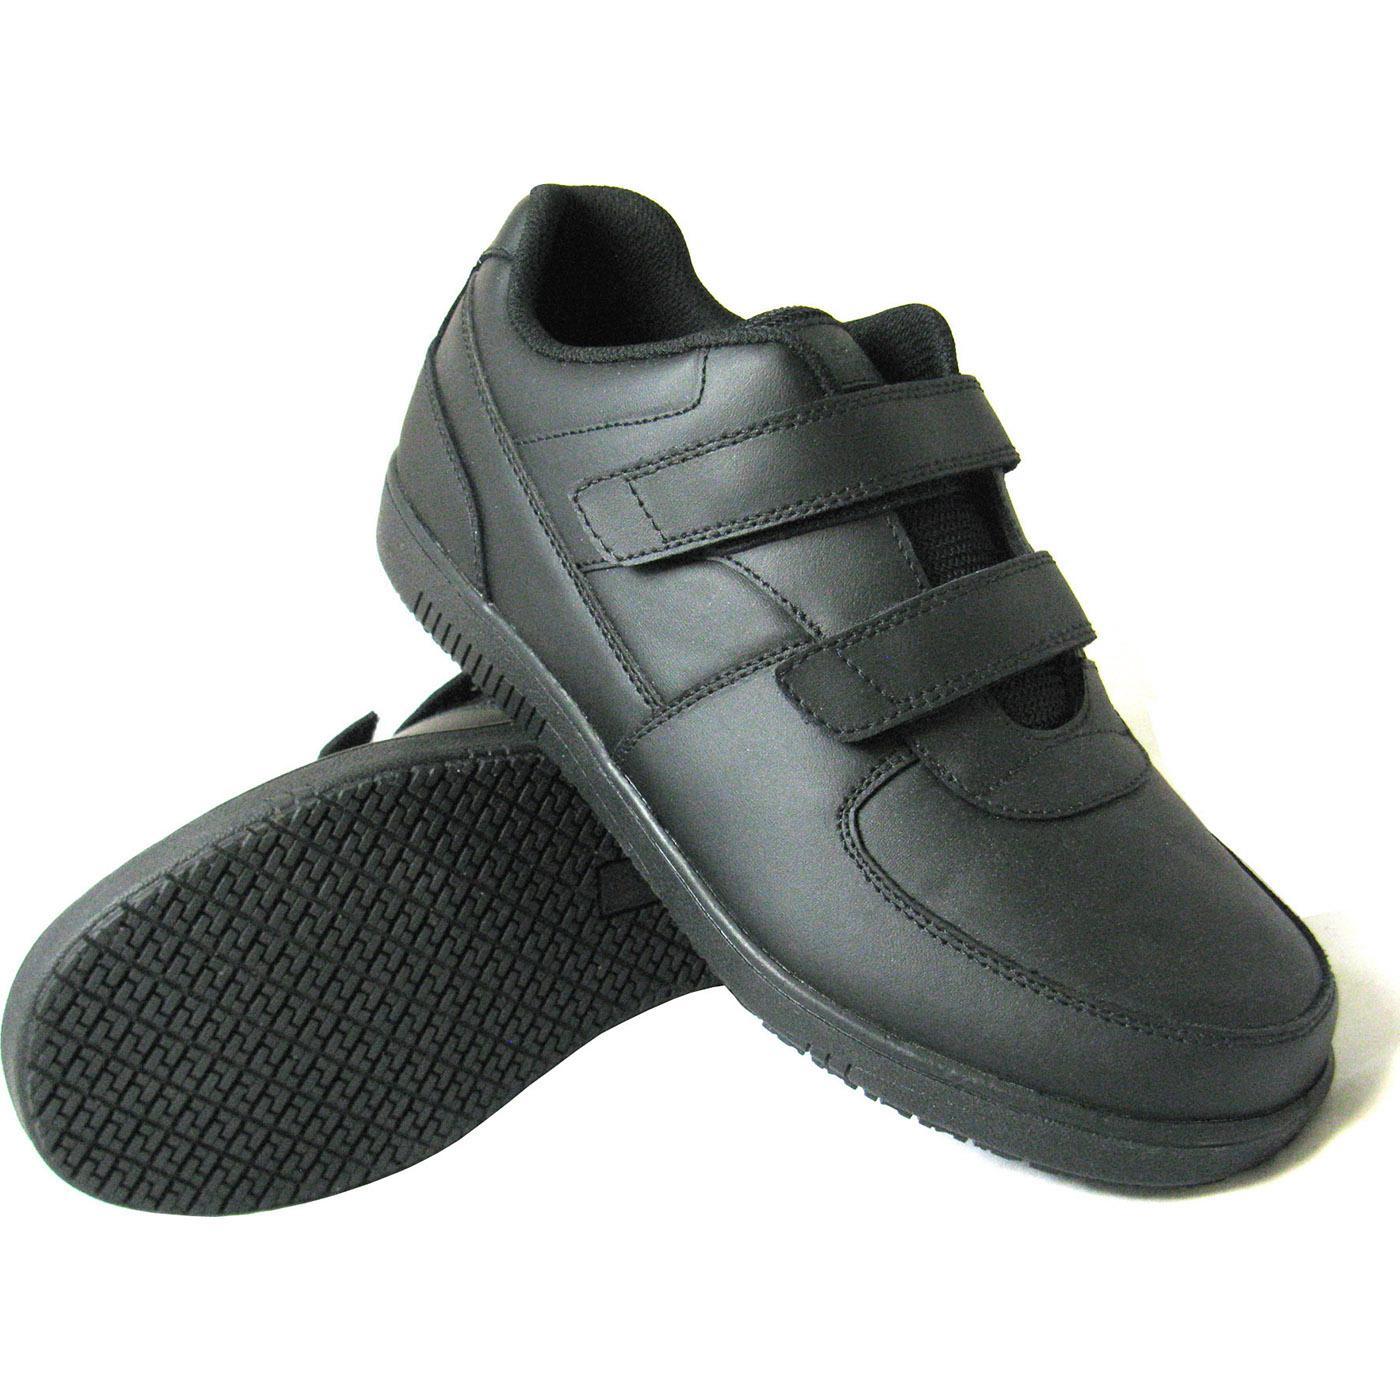 Genuine Grip Slip-Resistant Velcro Closure Athletic Work ShoeGenuine Grip  Slip-Resistant Velcro Closure Athletic Work Shoe bab1d447e9eb